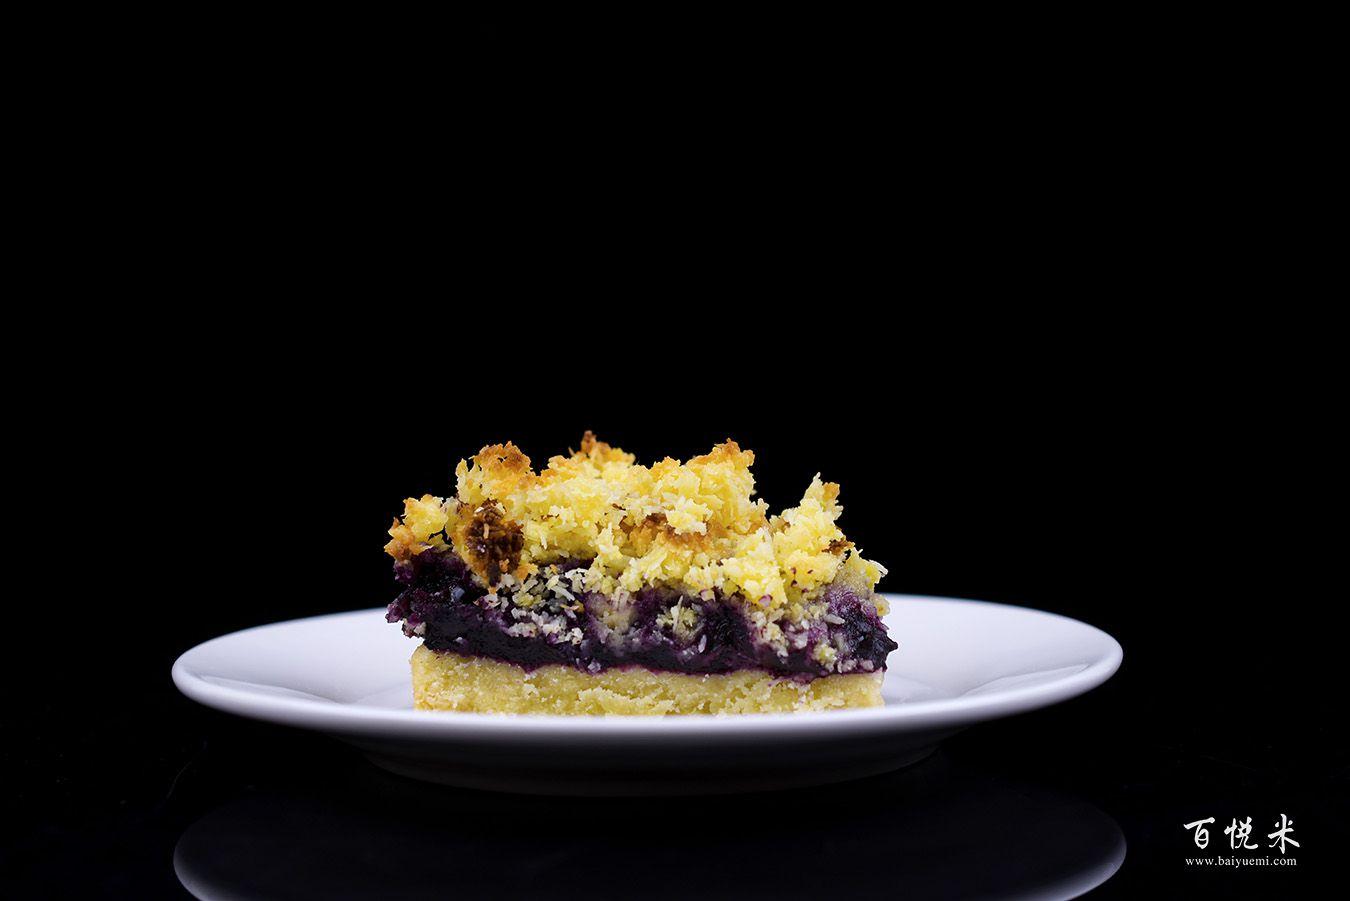 蓝莓酥粒小方块高清图片大全【蛋糕图片】_1204